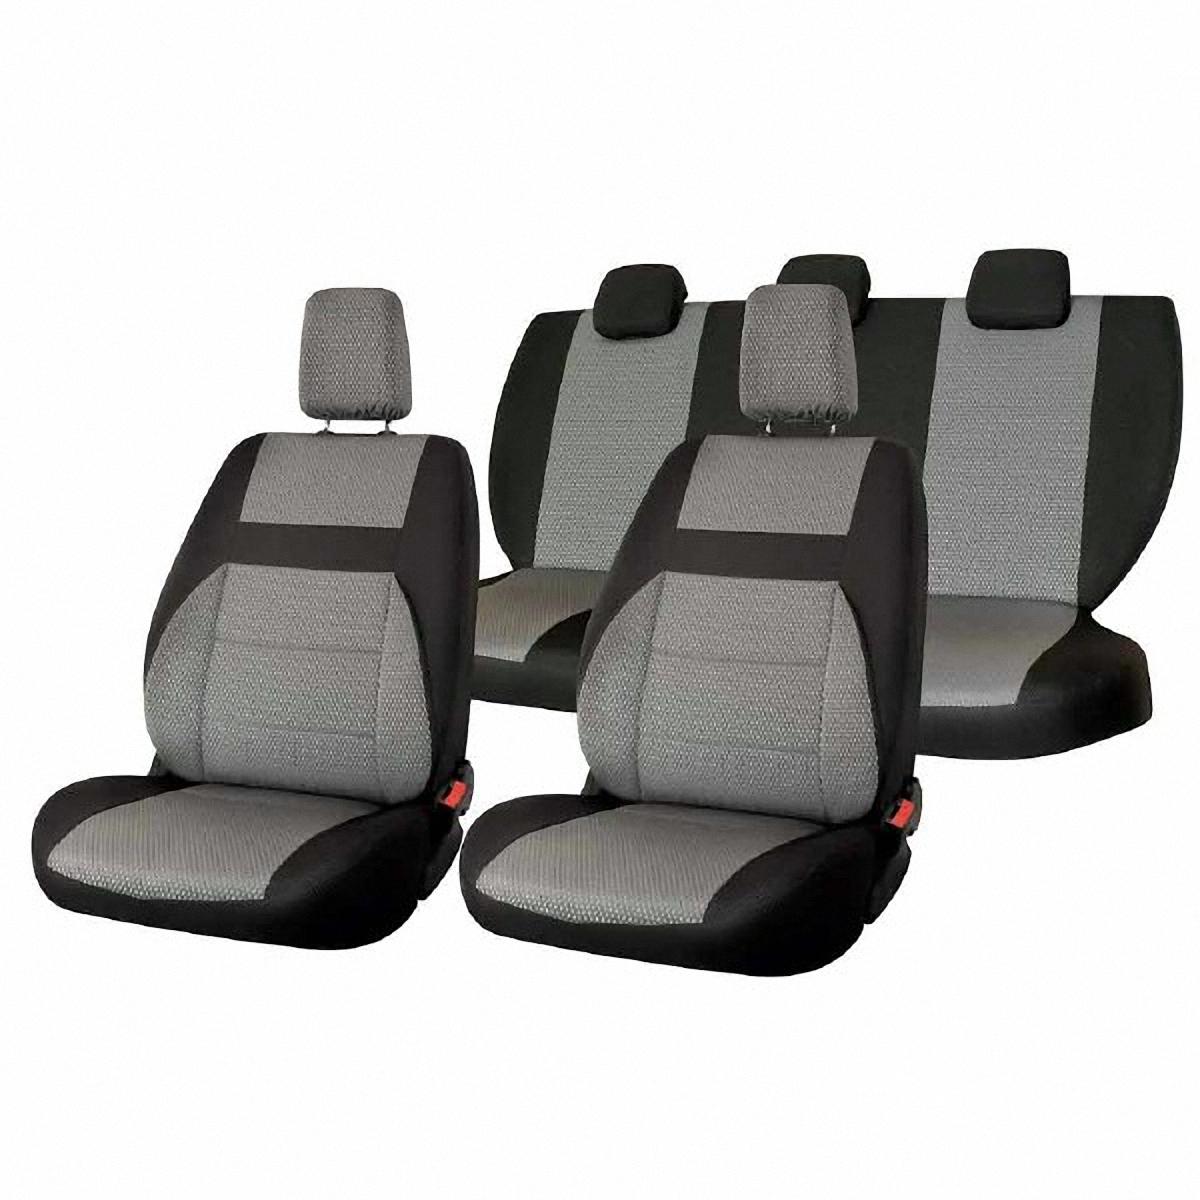 Чехлы автомобильные Skyway, для Lada Granta, цвет: светло-серыйV004-D1Автомобильные чехлы Skyway изготовлены из качественного жаккарда. Чехлы идеально повторяют штатную форму сидений и выглядят как оригинальная обивка сидений. Разработаны индивидуально для каждой модели автомобиля. Авточехлы Skyway просты в уходе - загрязнения легко удаляются влажной тканью. Чехлы имеют раздельную схему надевания. Заднее сиденье - сплошное.В комплекте 11 предметов.